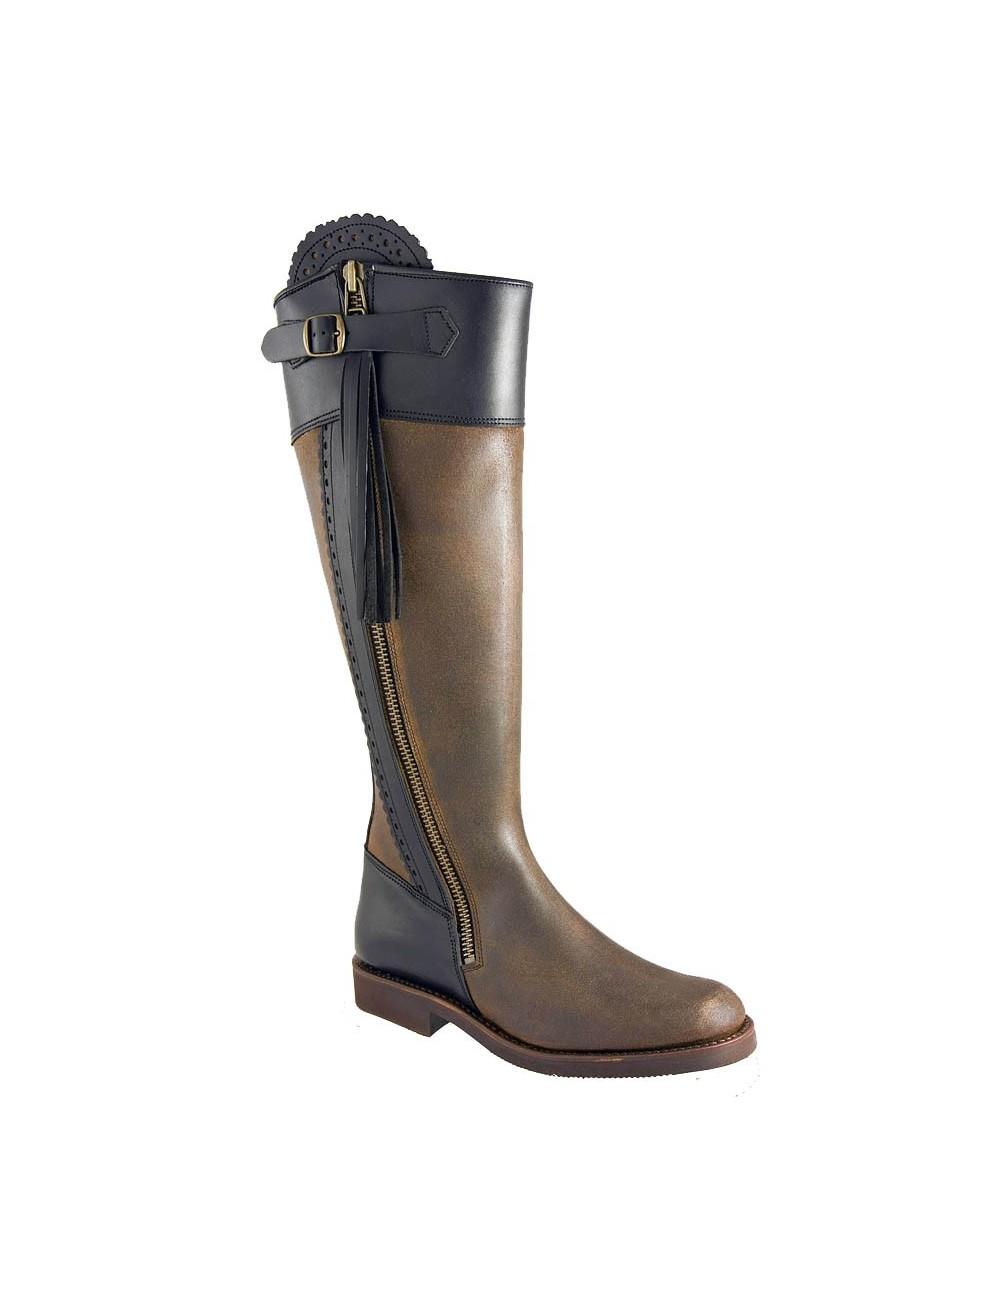 Bottes équitation cuir originales - Bottes équitation artisanales